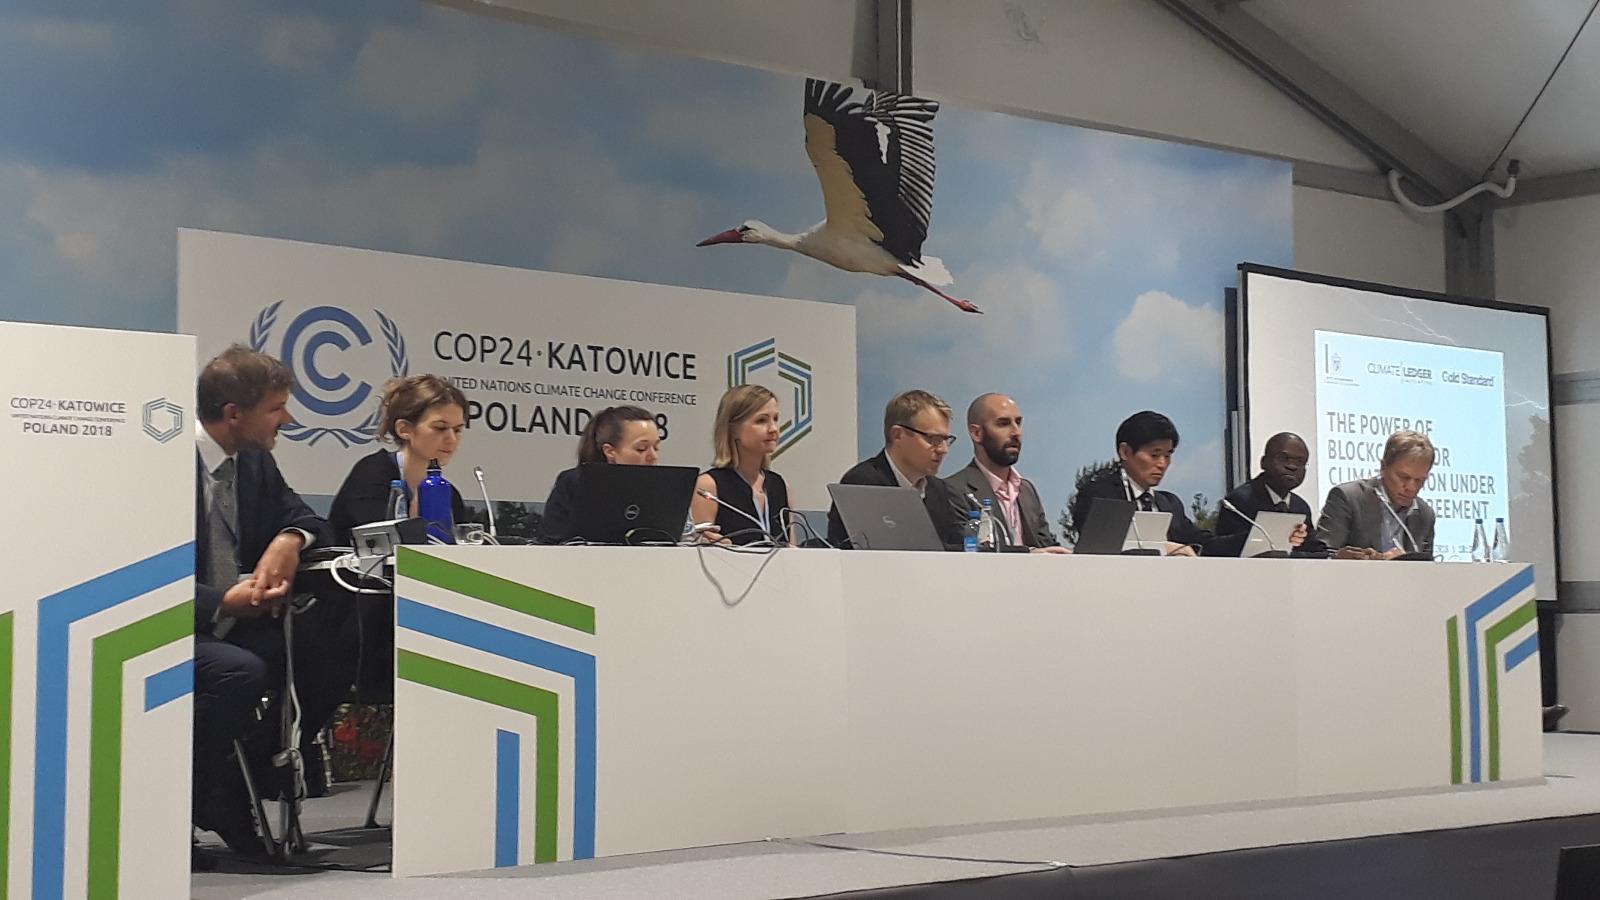 Blockchain, sfruttare la tecnologia per contrastare il cambiamento climatico